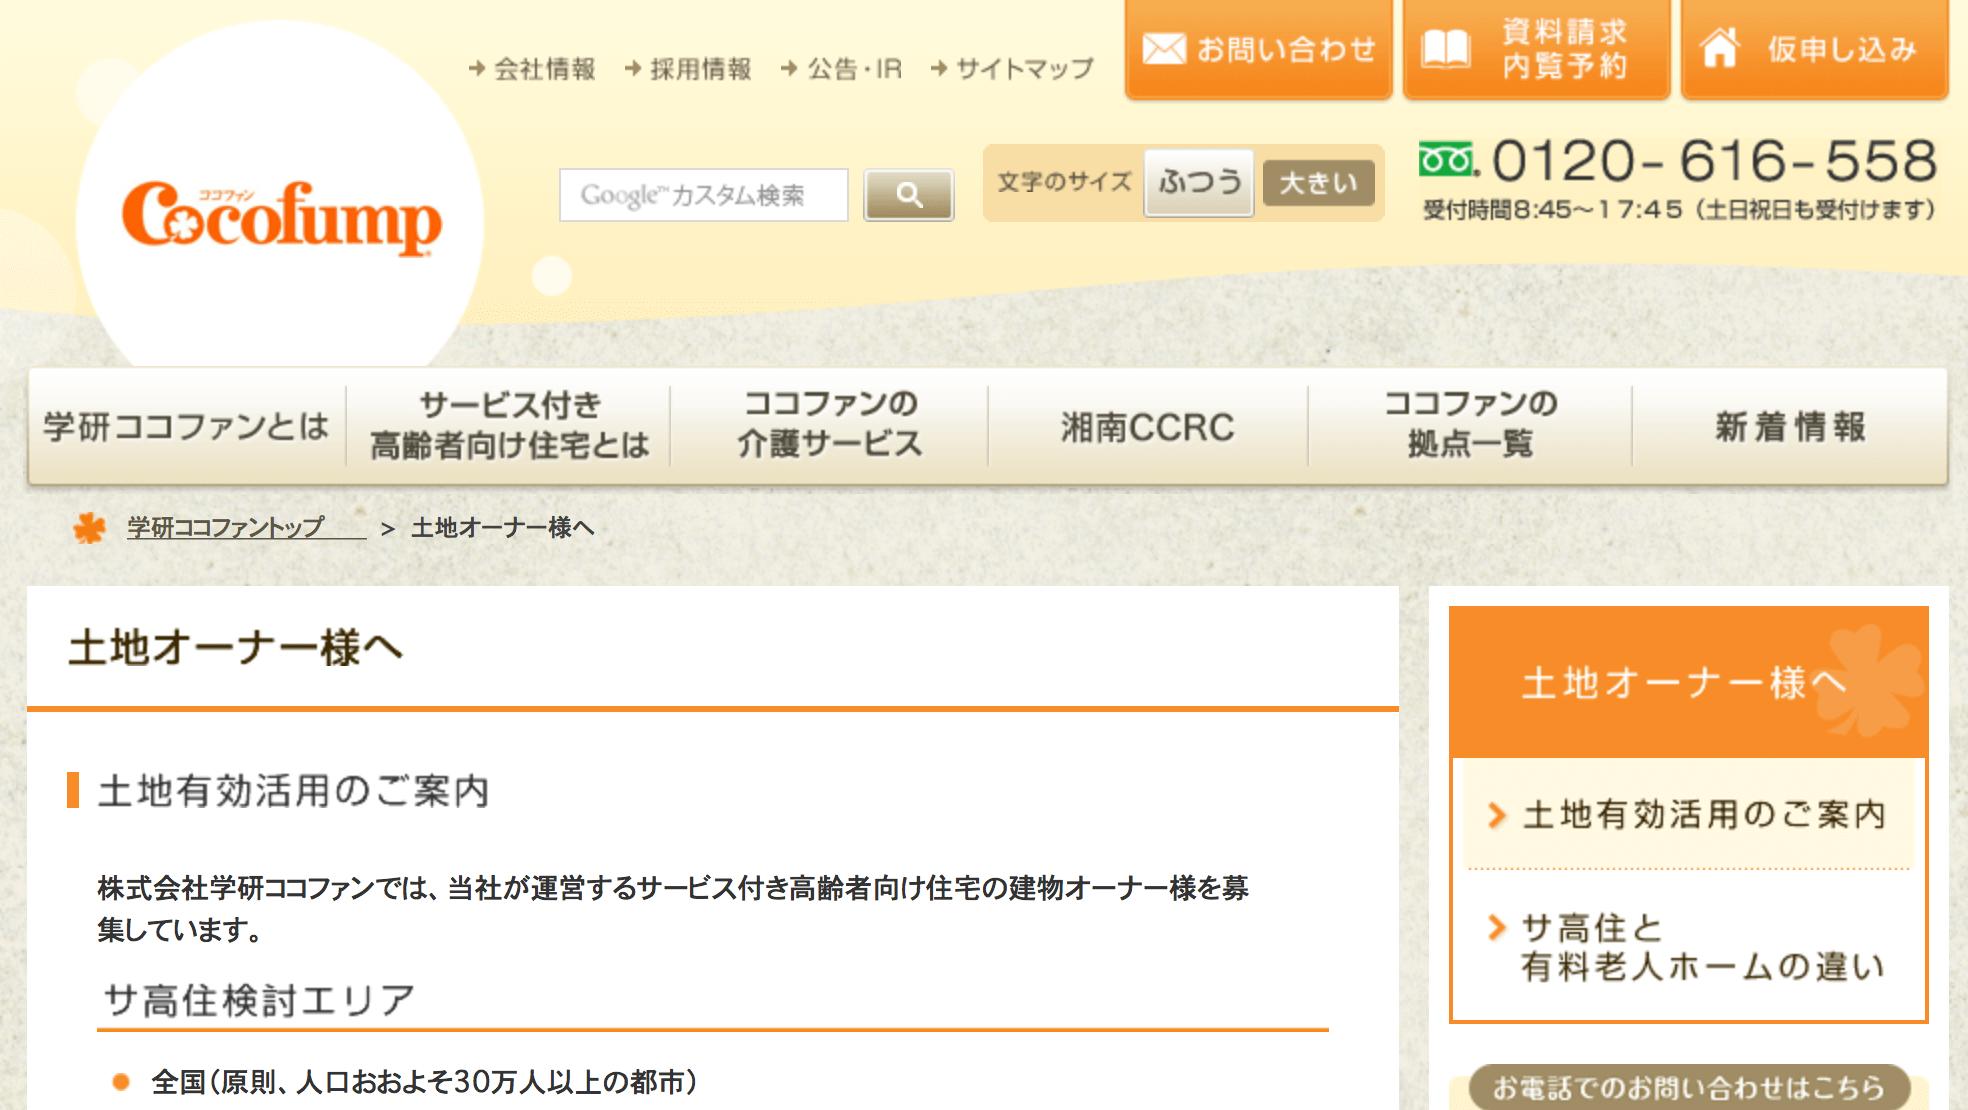 株式会社学研ココファンの公式ページ